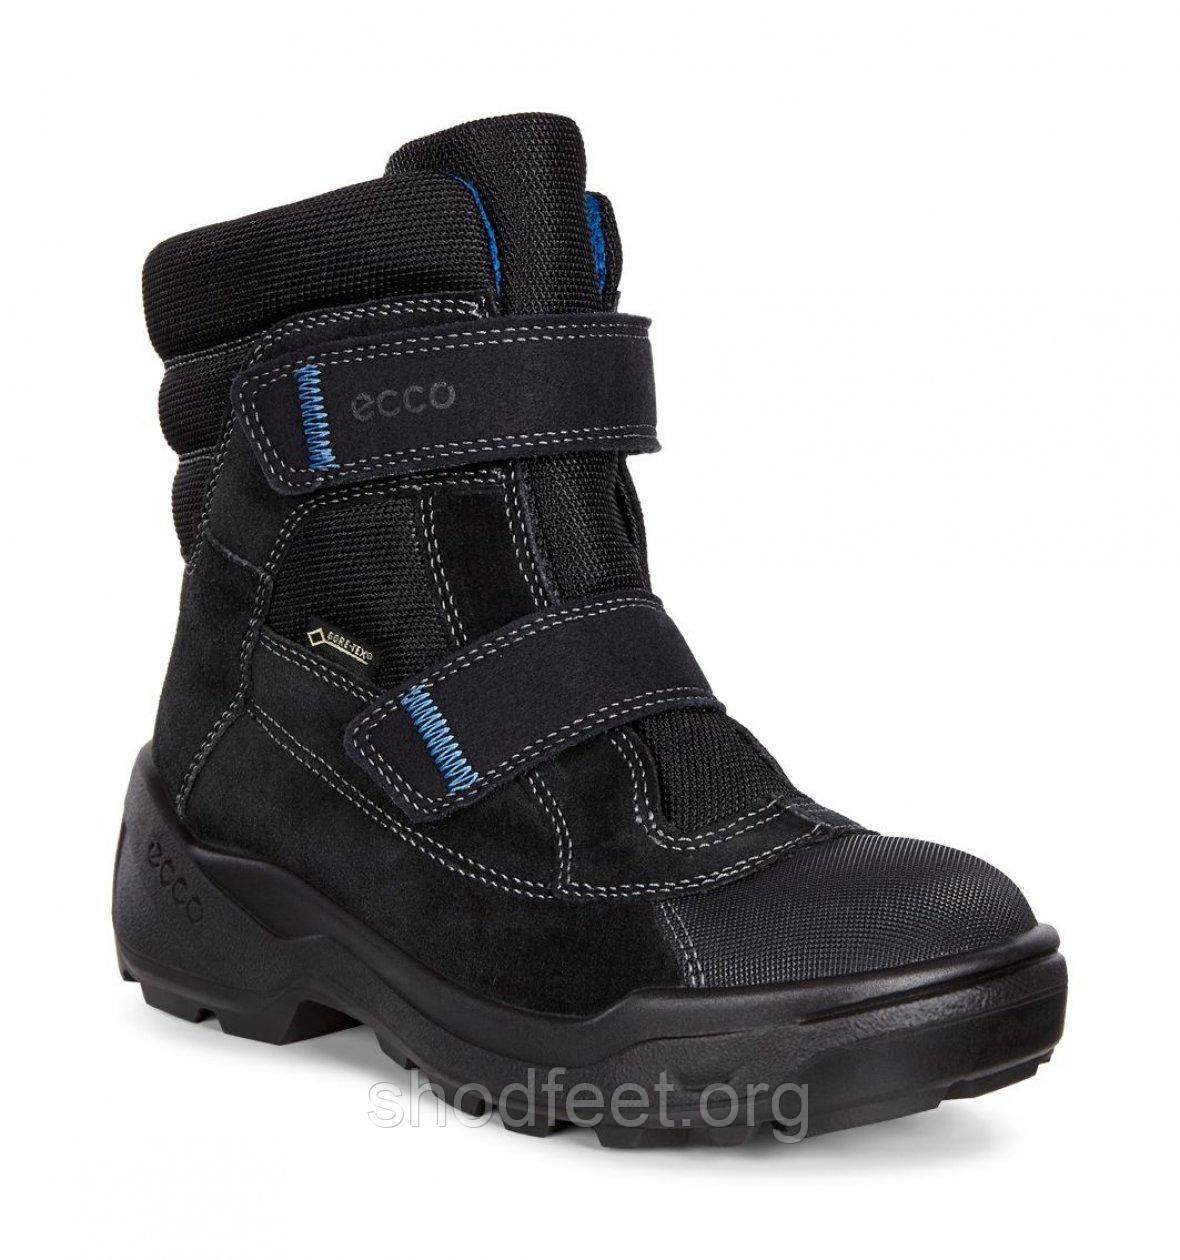 Подростковые ботинки Ecco Snow Rush Gore-Tex 732633-51707 - ShodFeet в  Харькове 002fa142d72